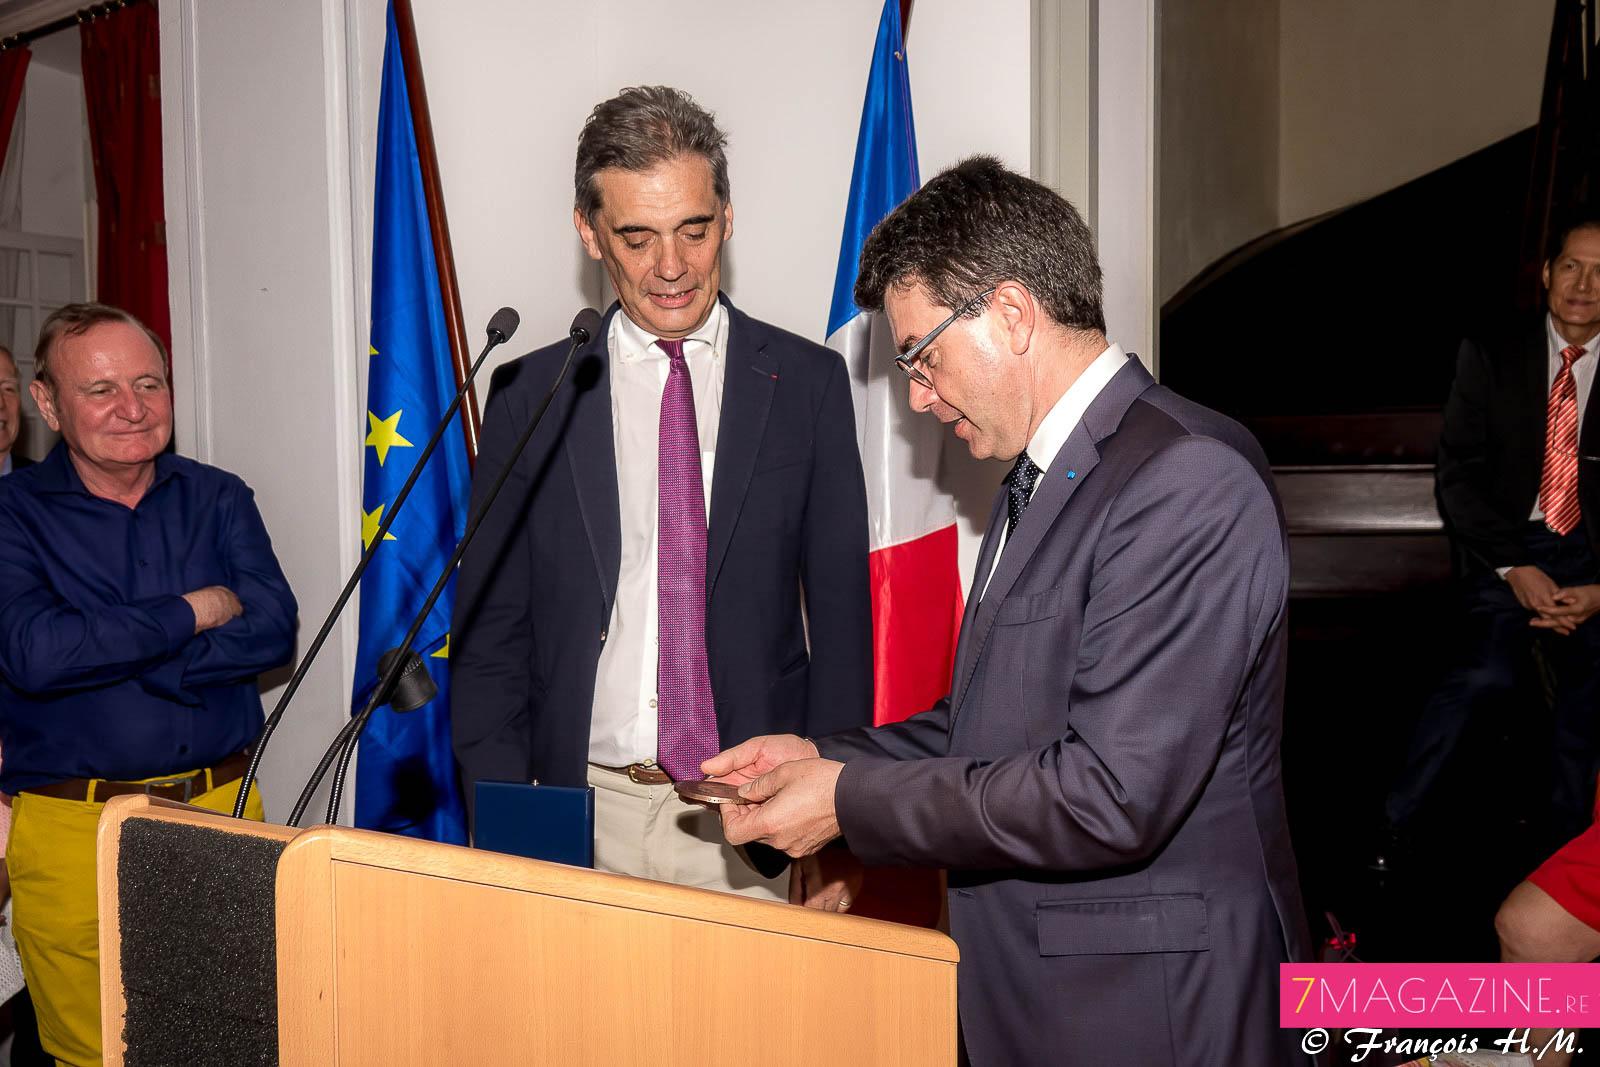 Maurice Barate, secrétaire général de la Préfecture, a remis un présent à l'ex-Préfet